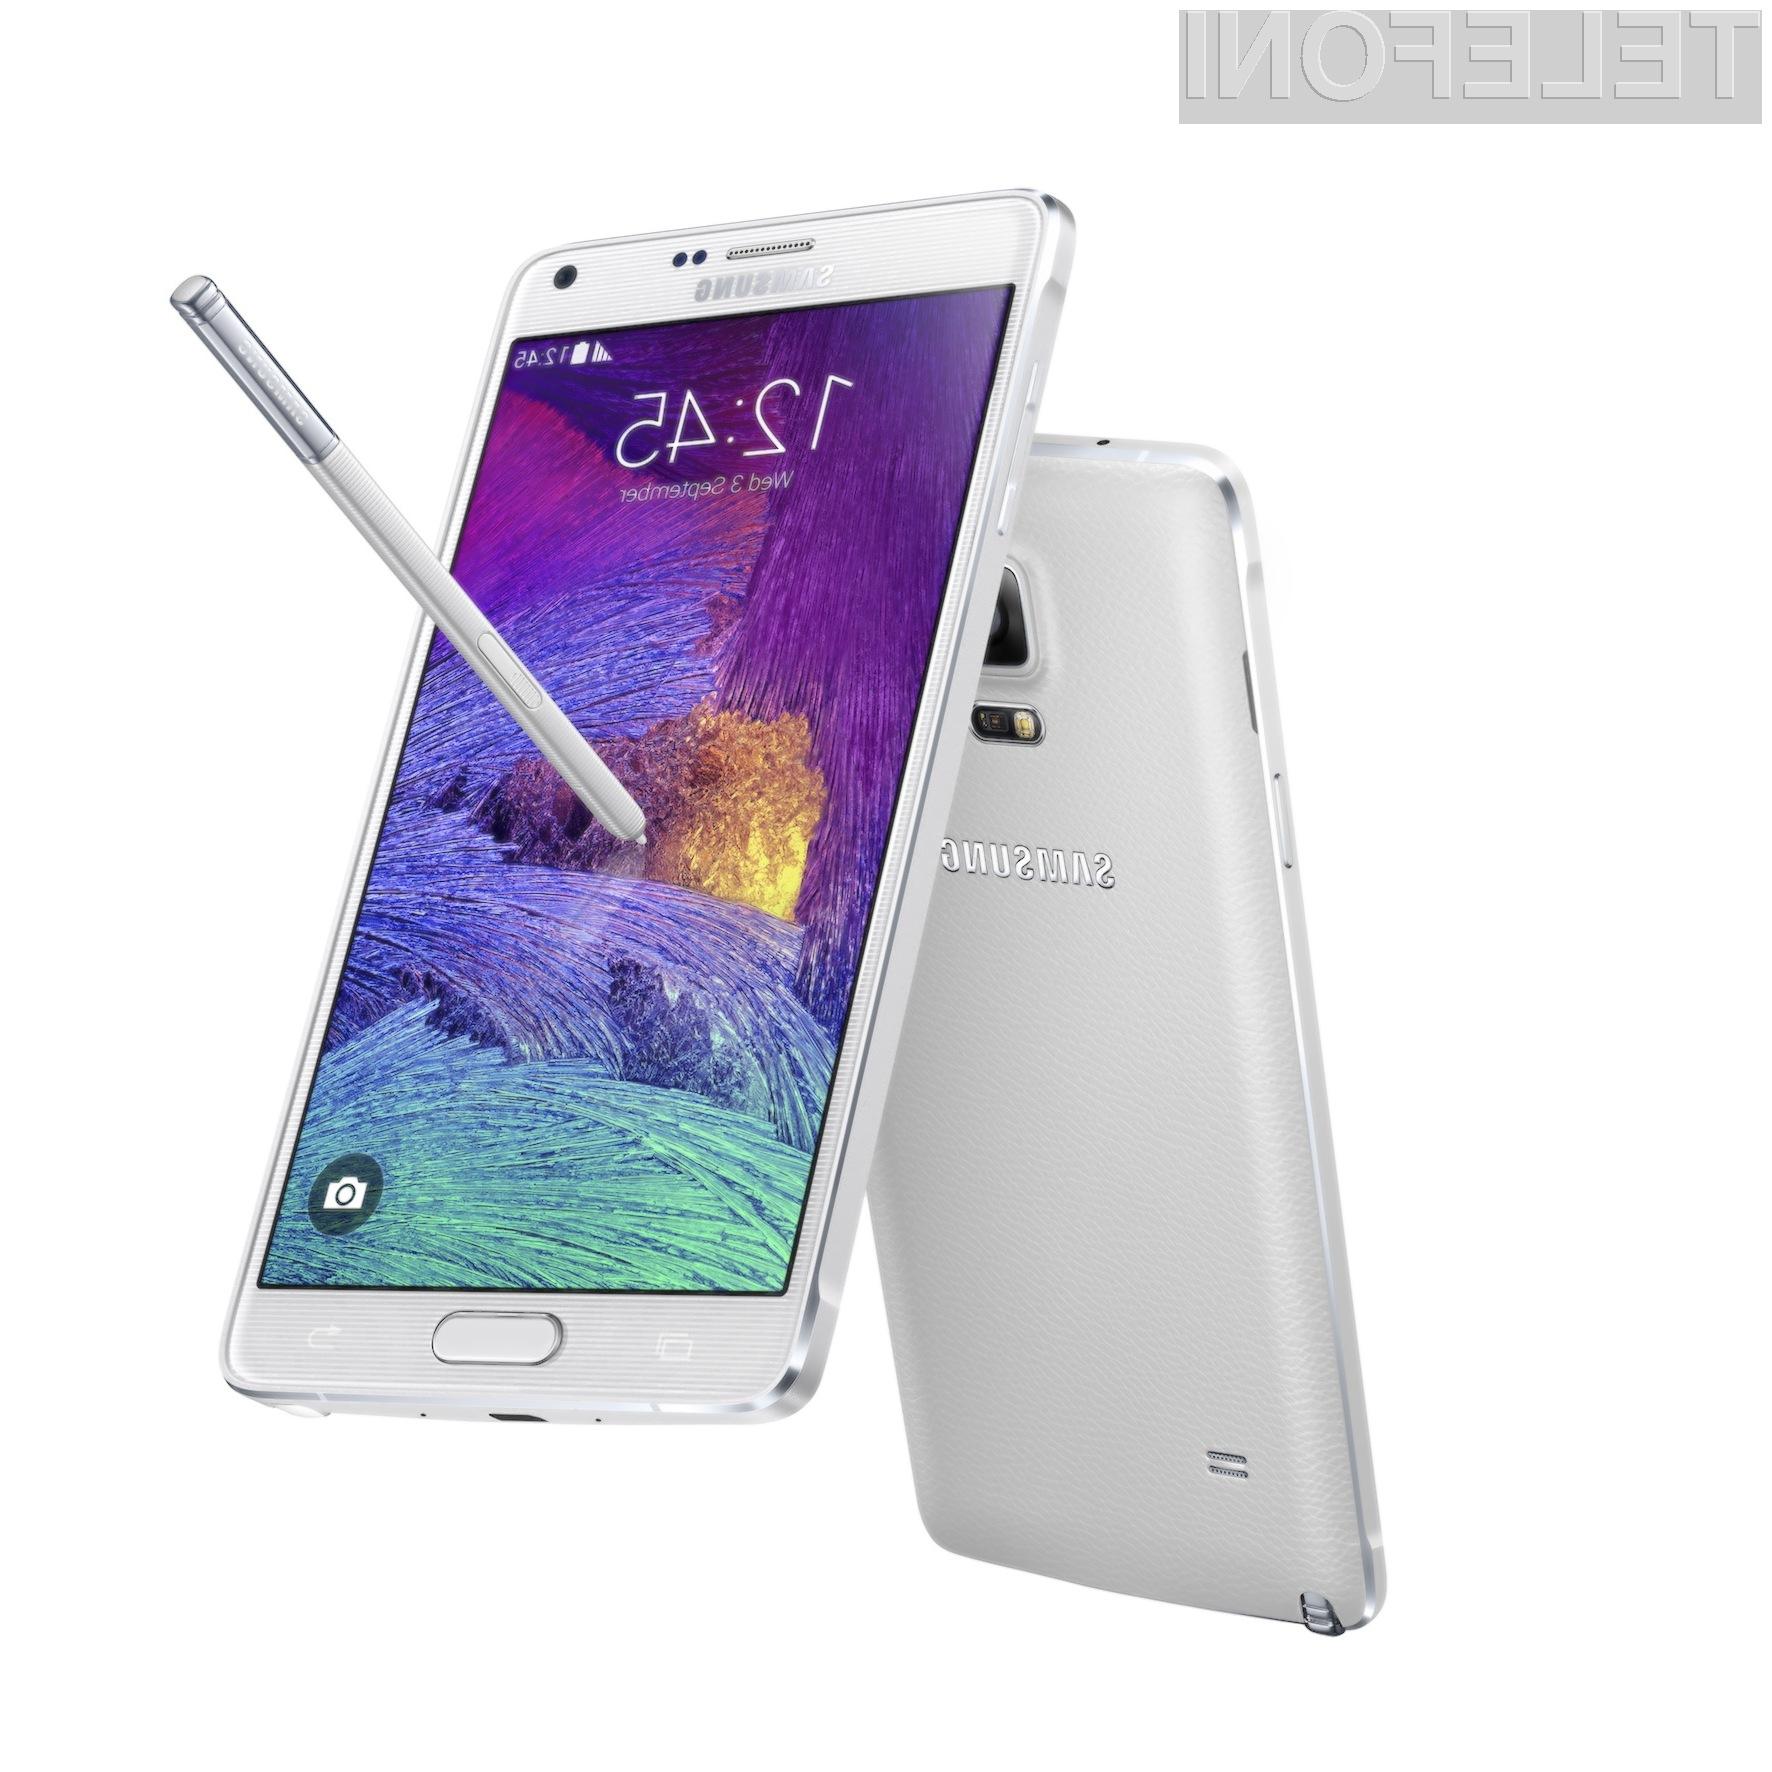 Podjetje Samsung bo mobilnik Galaxy Note 4 ponudil v prodajo še pred koncem septembra.